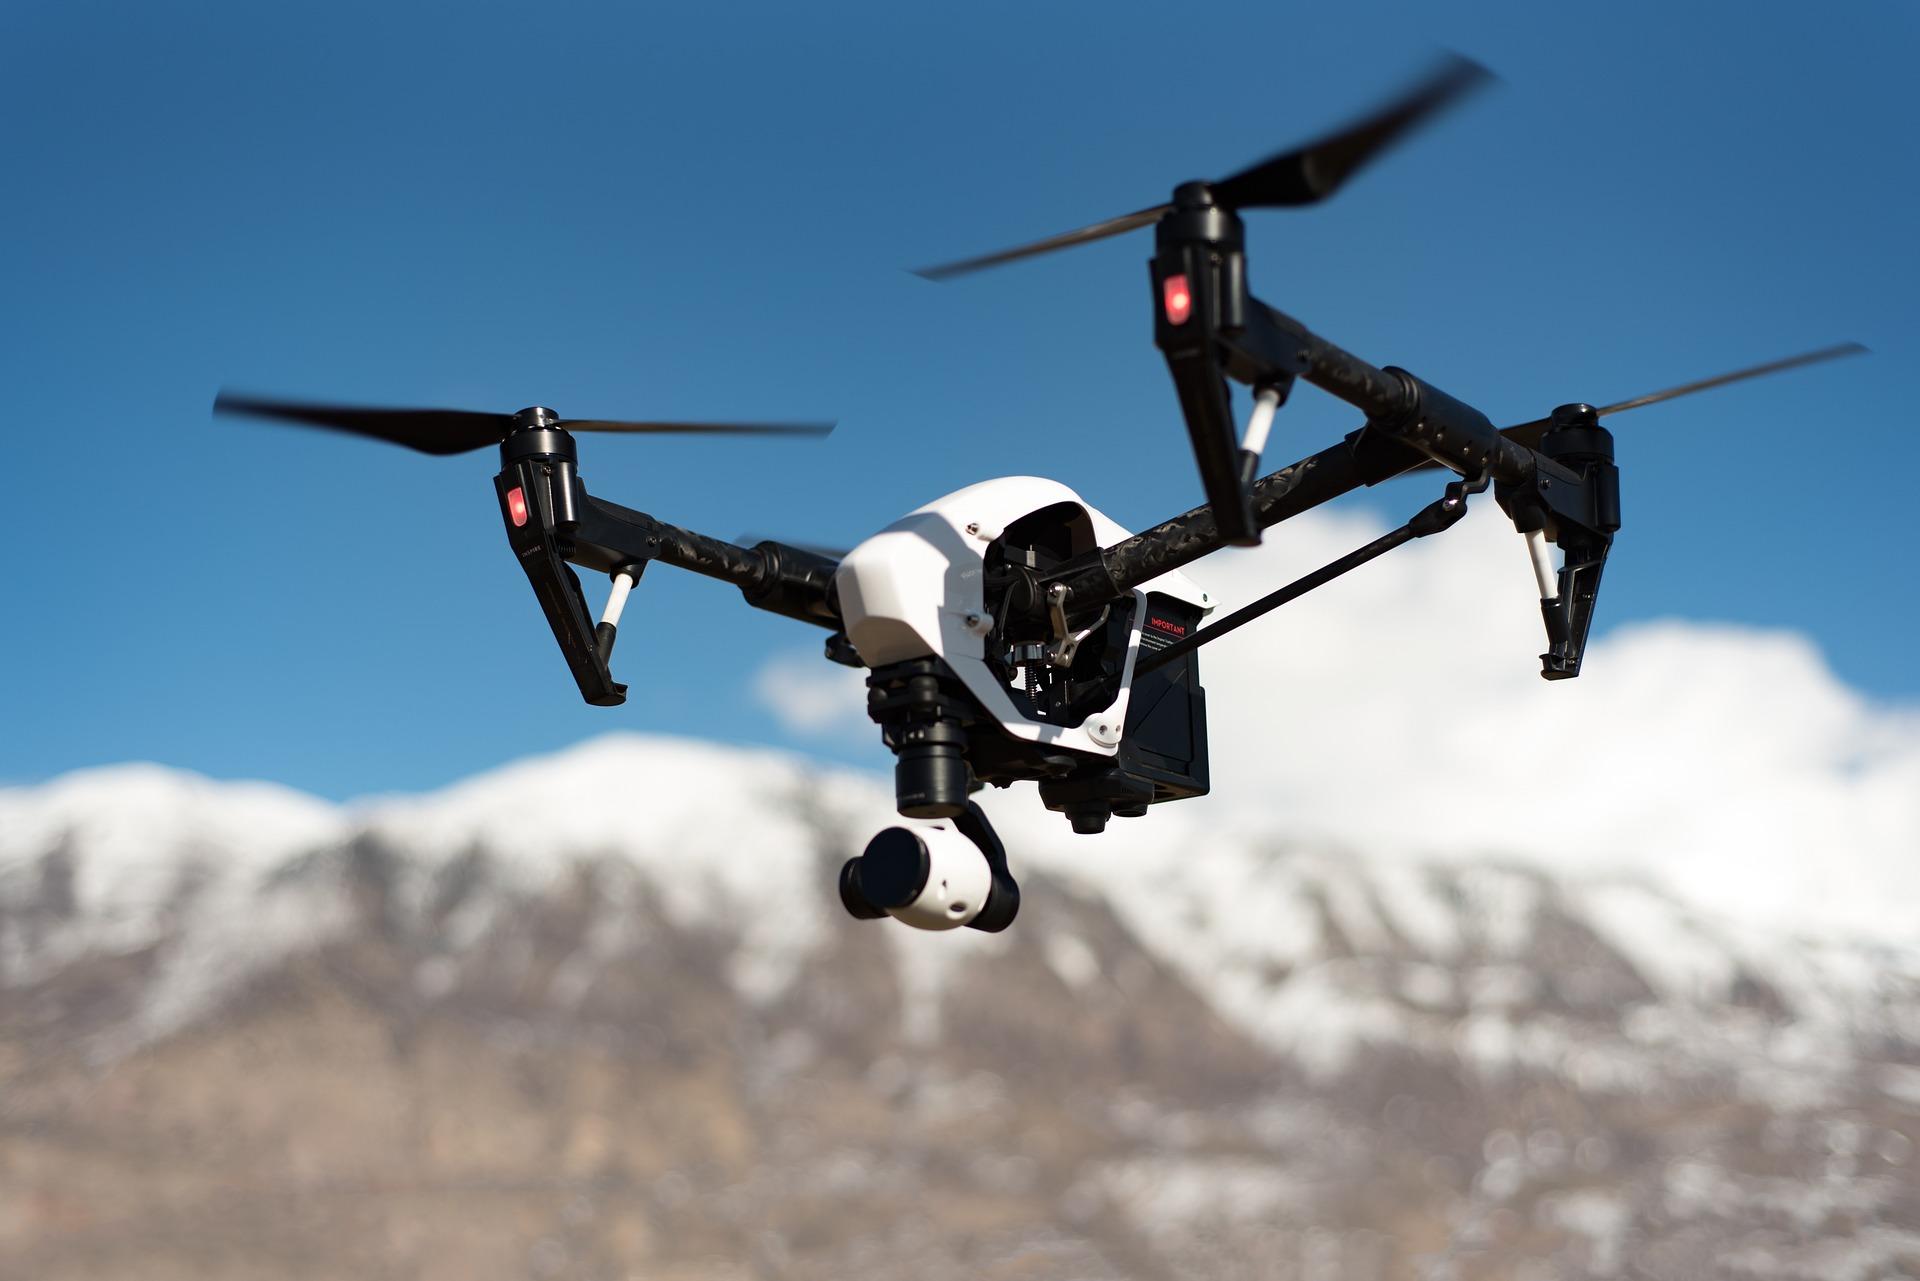 Wir arbeiten mit Drohnenfotografie